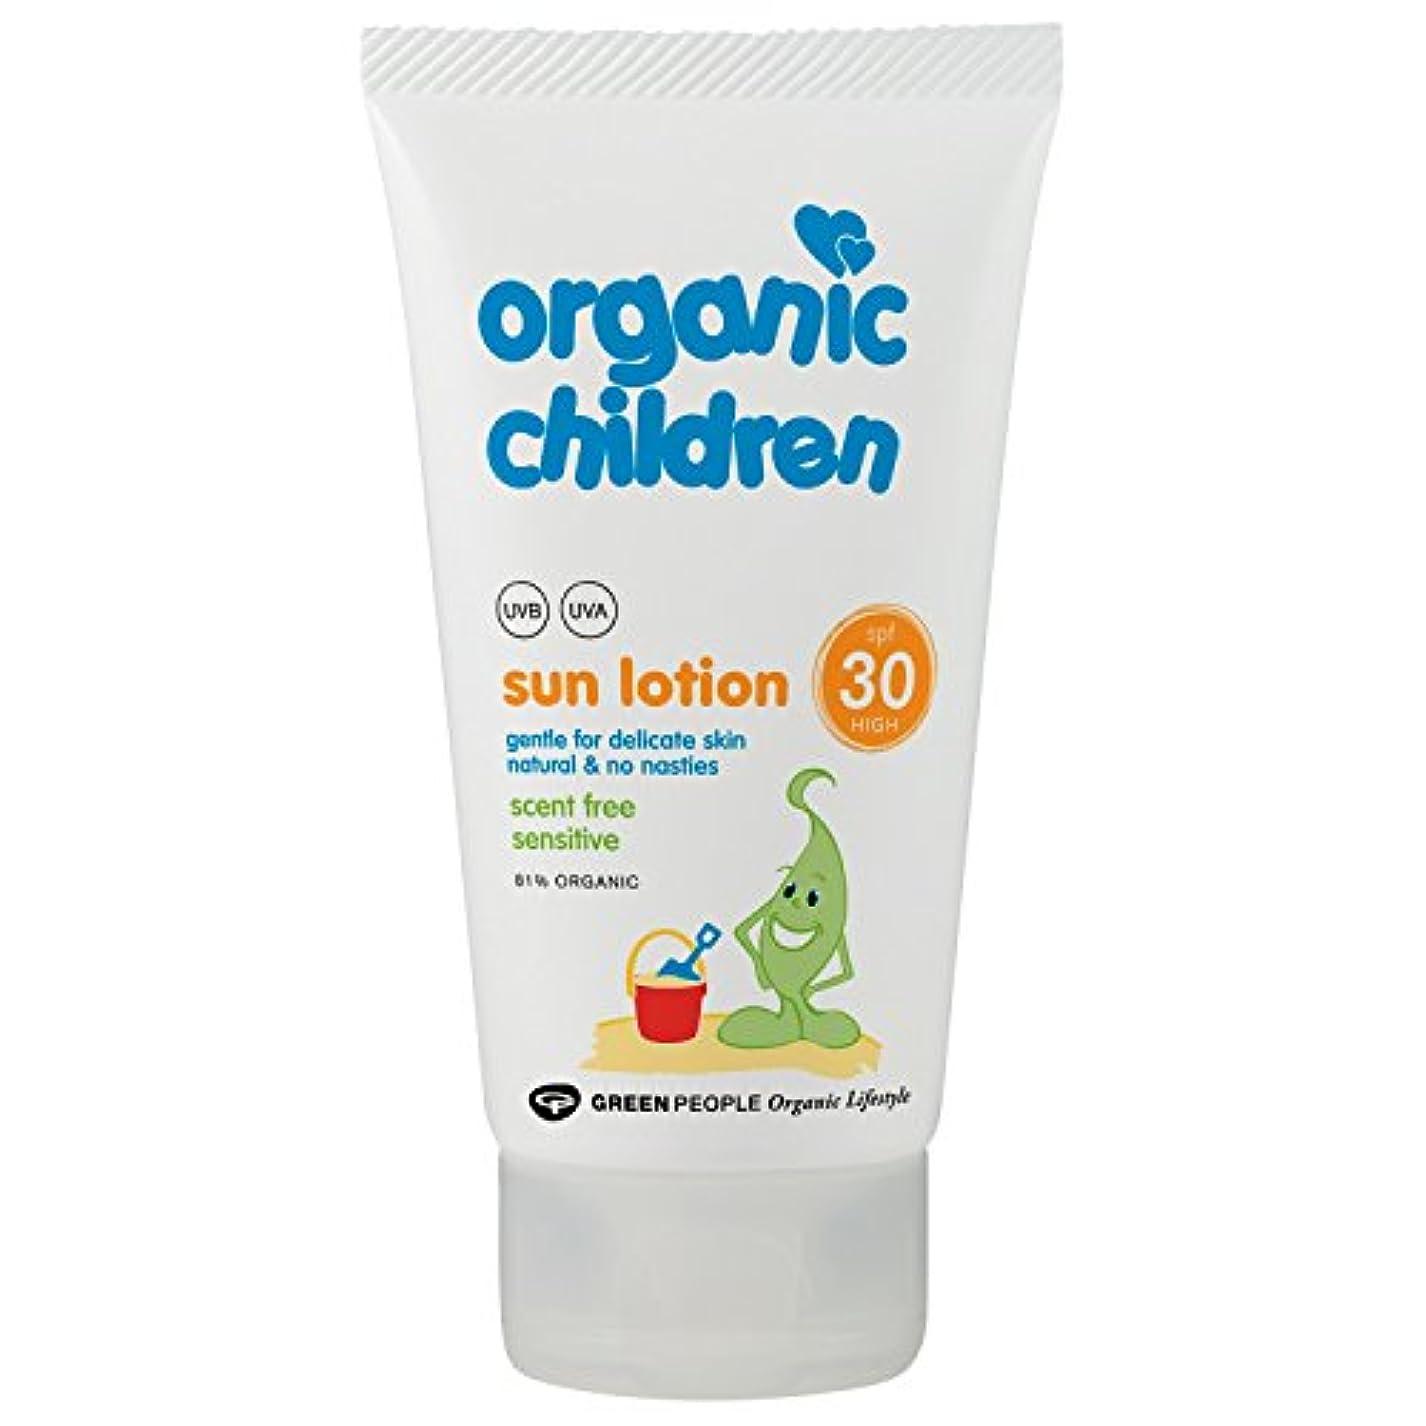 破壊する宇宙飛行士メロドラマ有機子どもたちは30日のローション150グラムを x2 - Organic Children SPF 30 Sun Lotion 150g (Pack of 2) [並行輸入品]